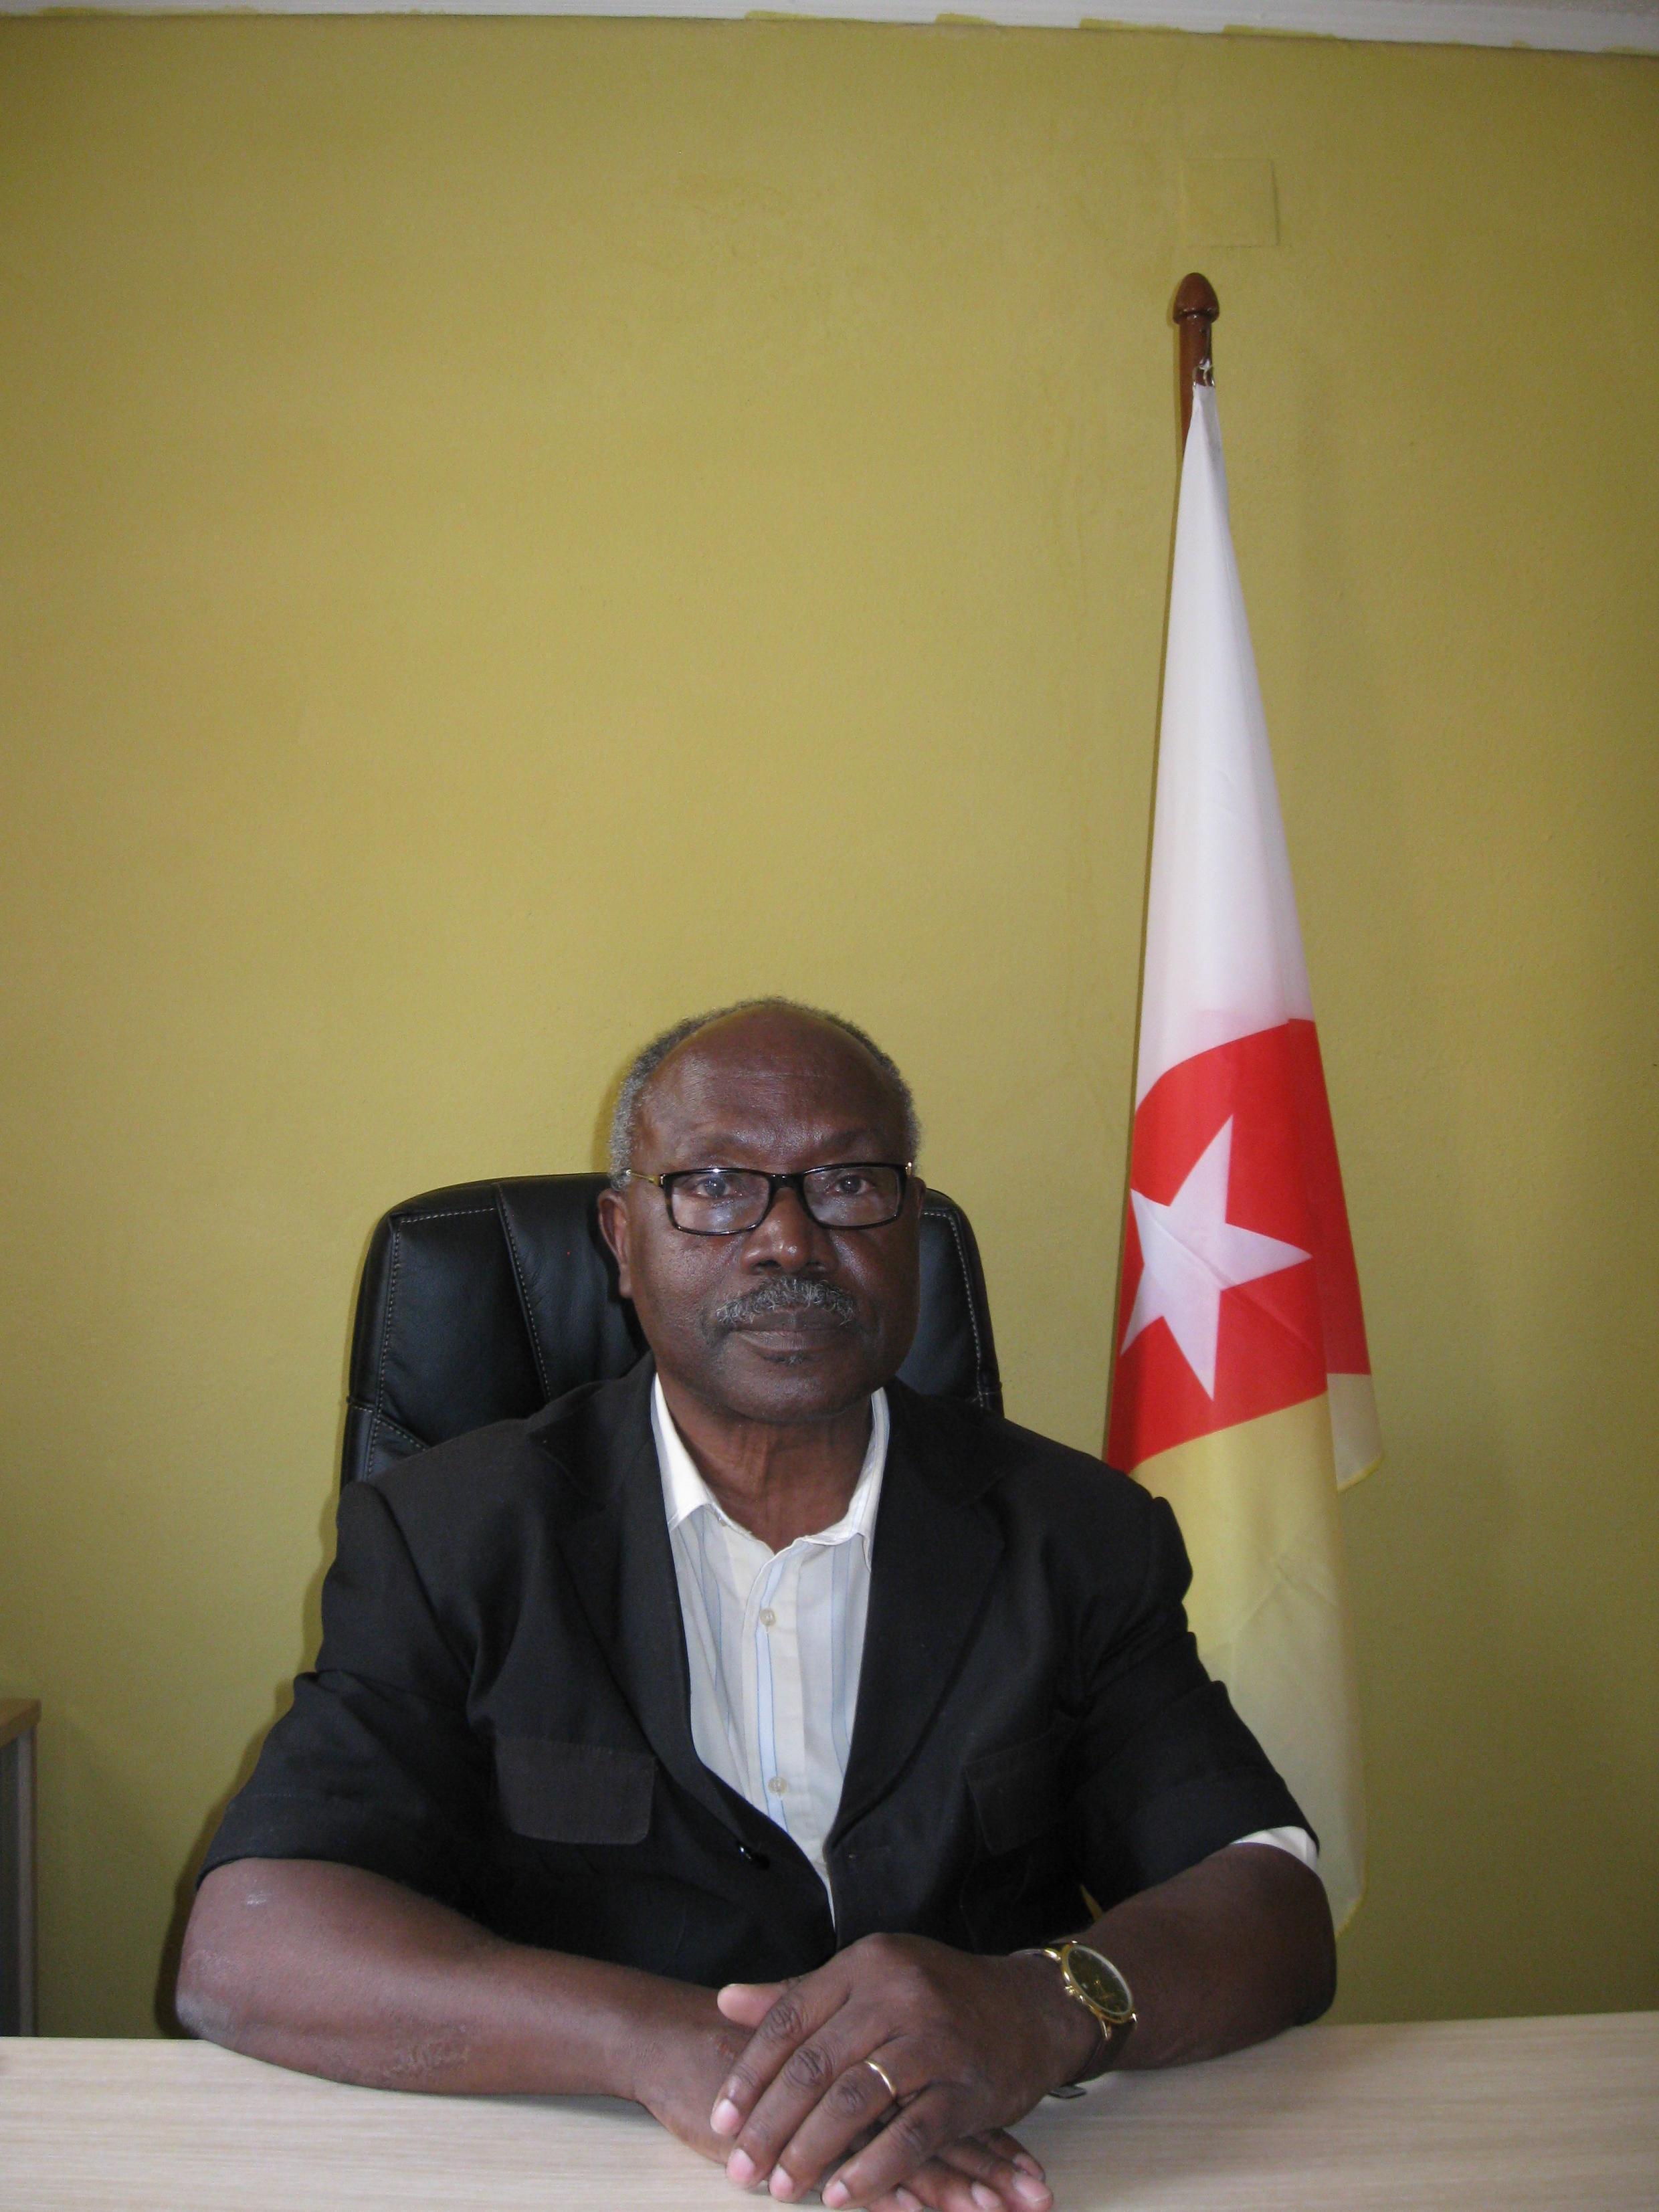 Lucas Ngonda, presidente do FNLA em Angola